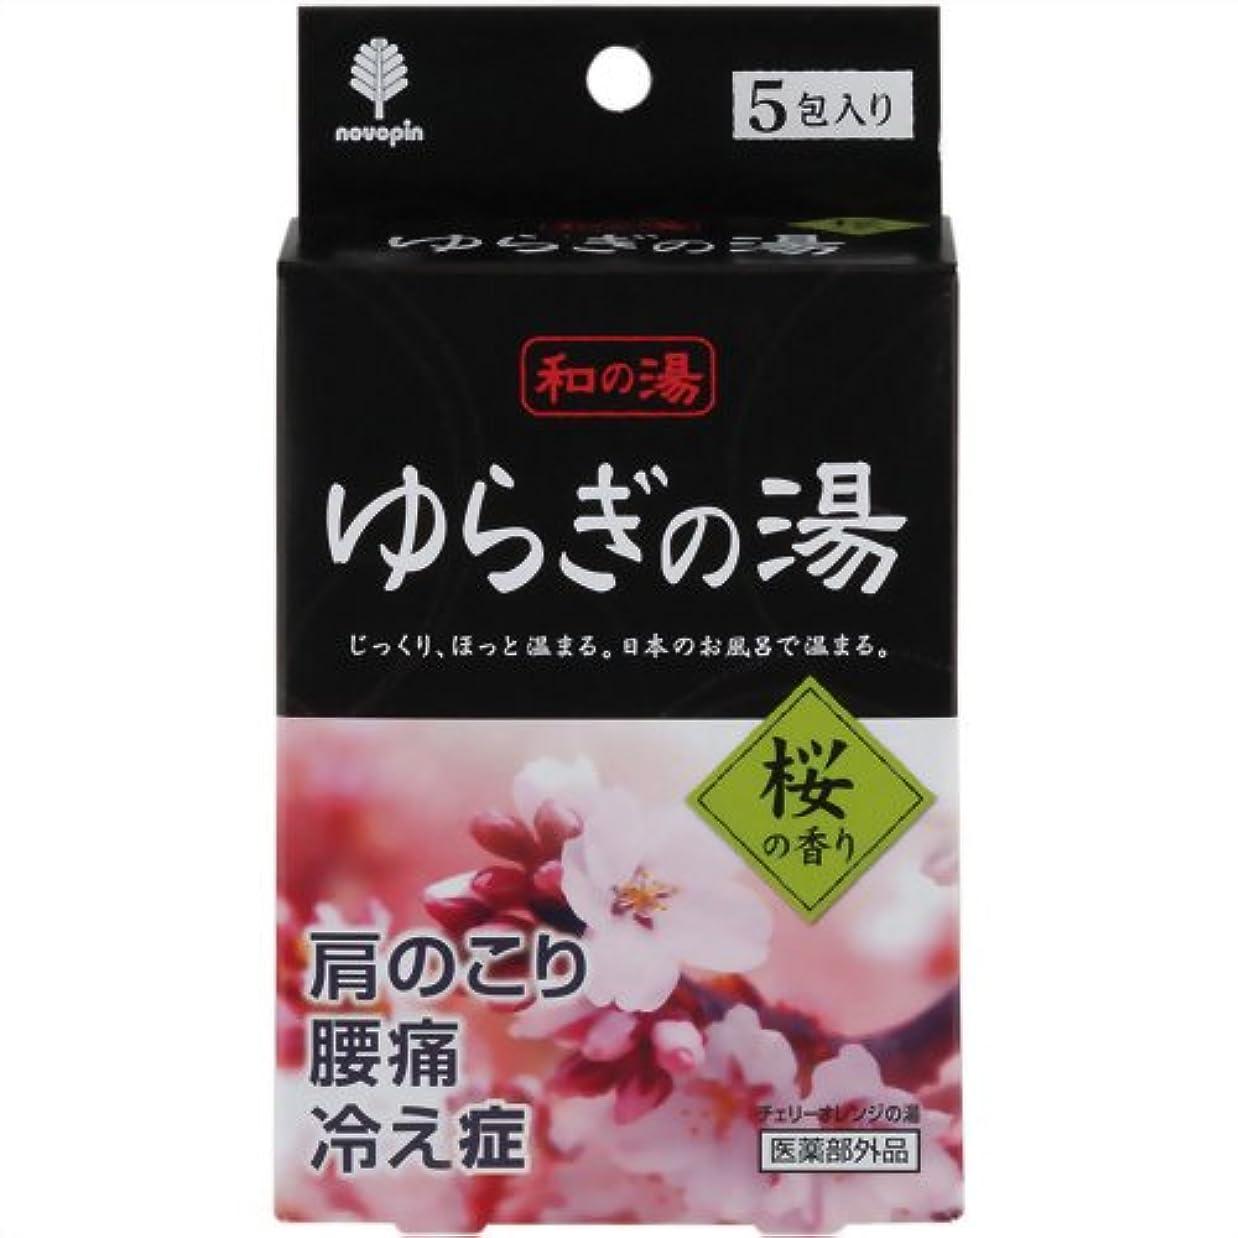 一節インポートモンキー和の湯 ゆらぎの湯 桜の香り